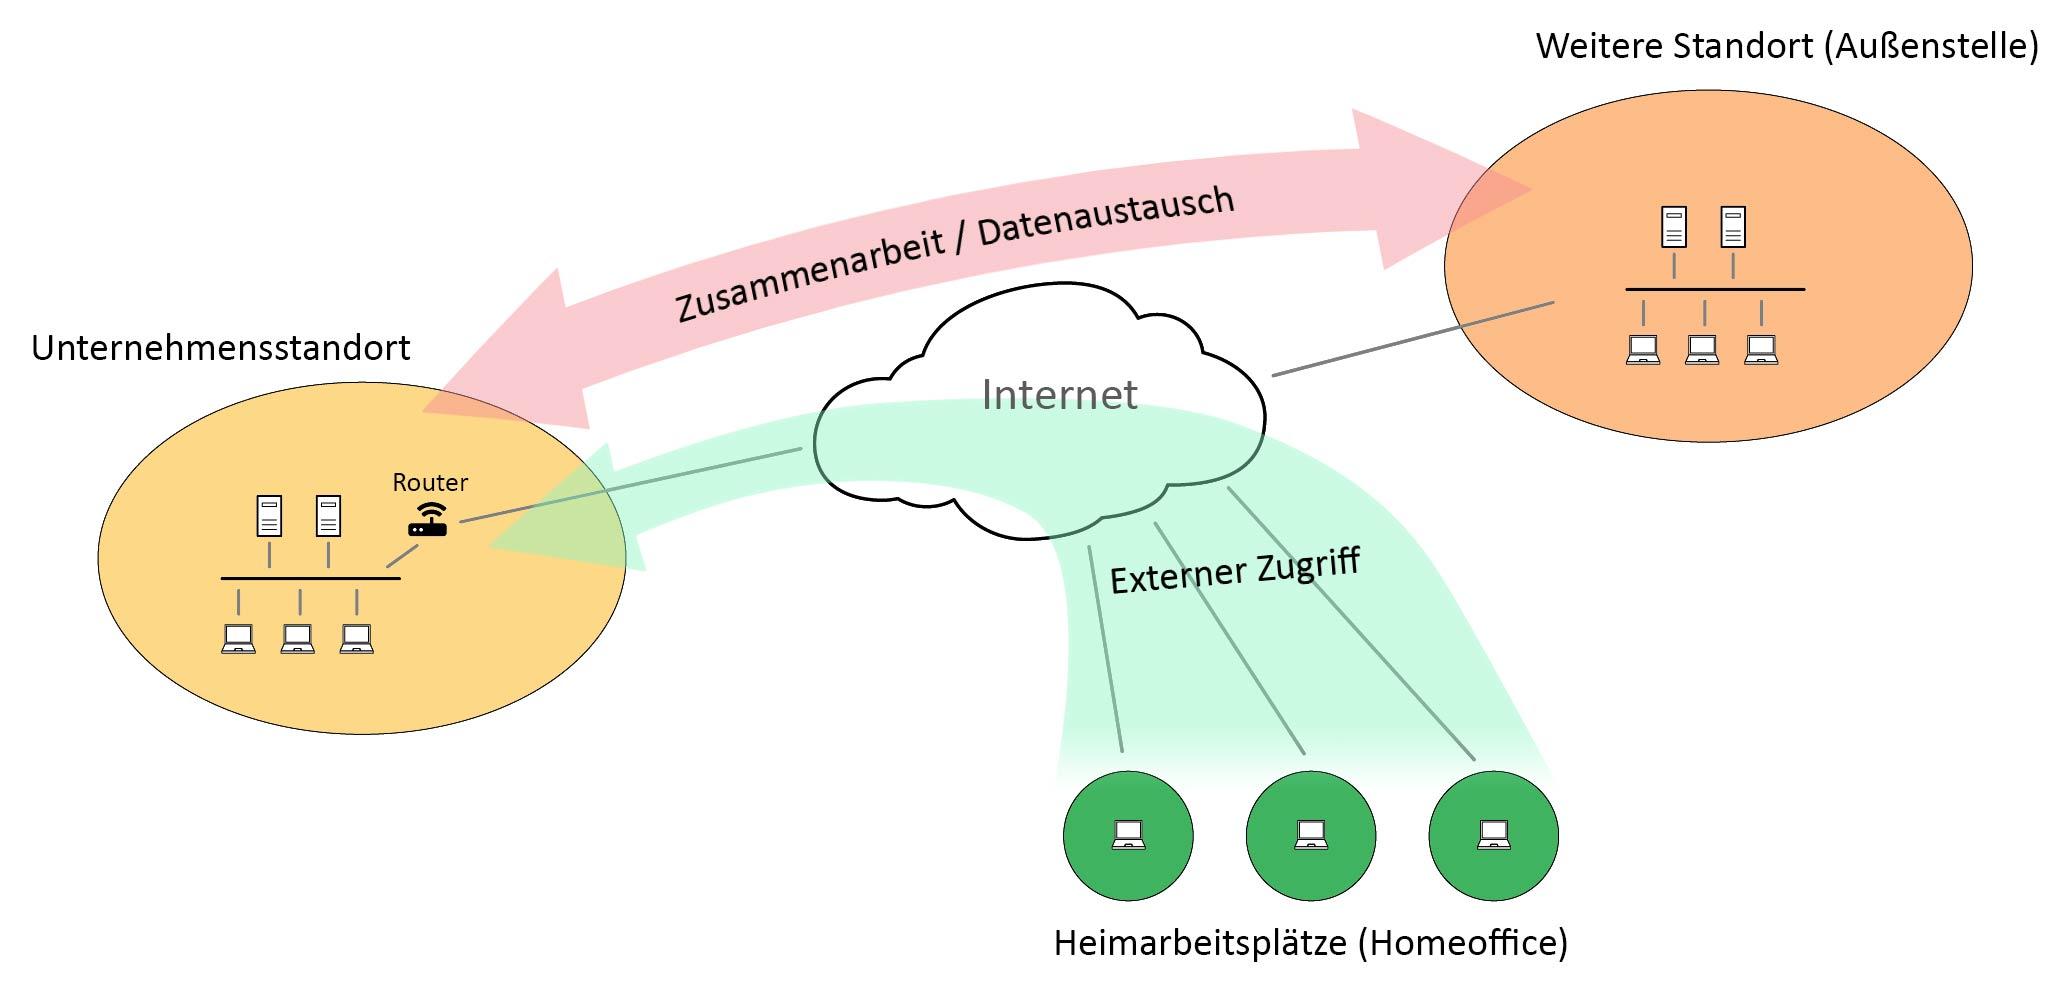 Externer Zugriff auf das Unternehmensnetzwerk